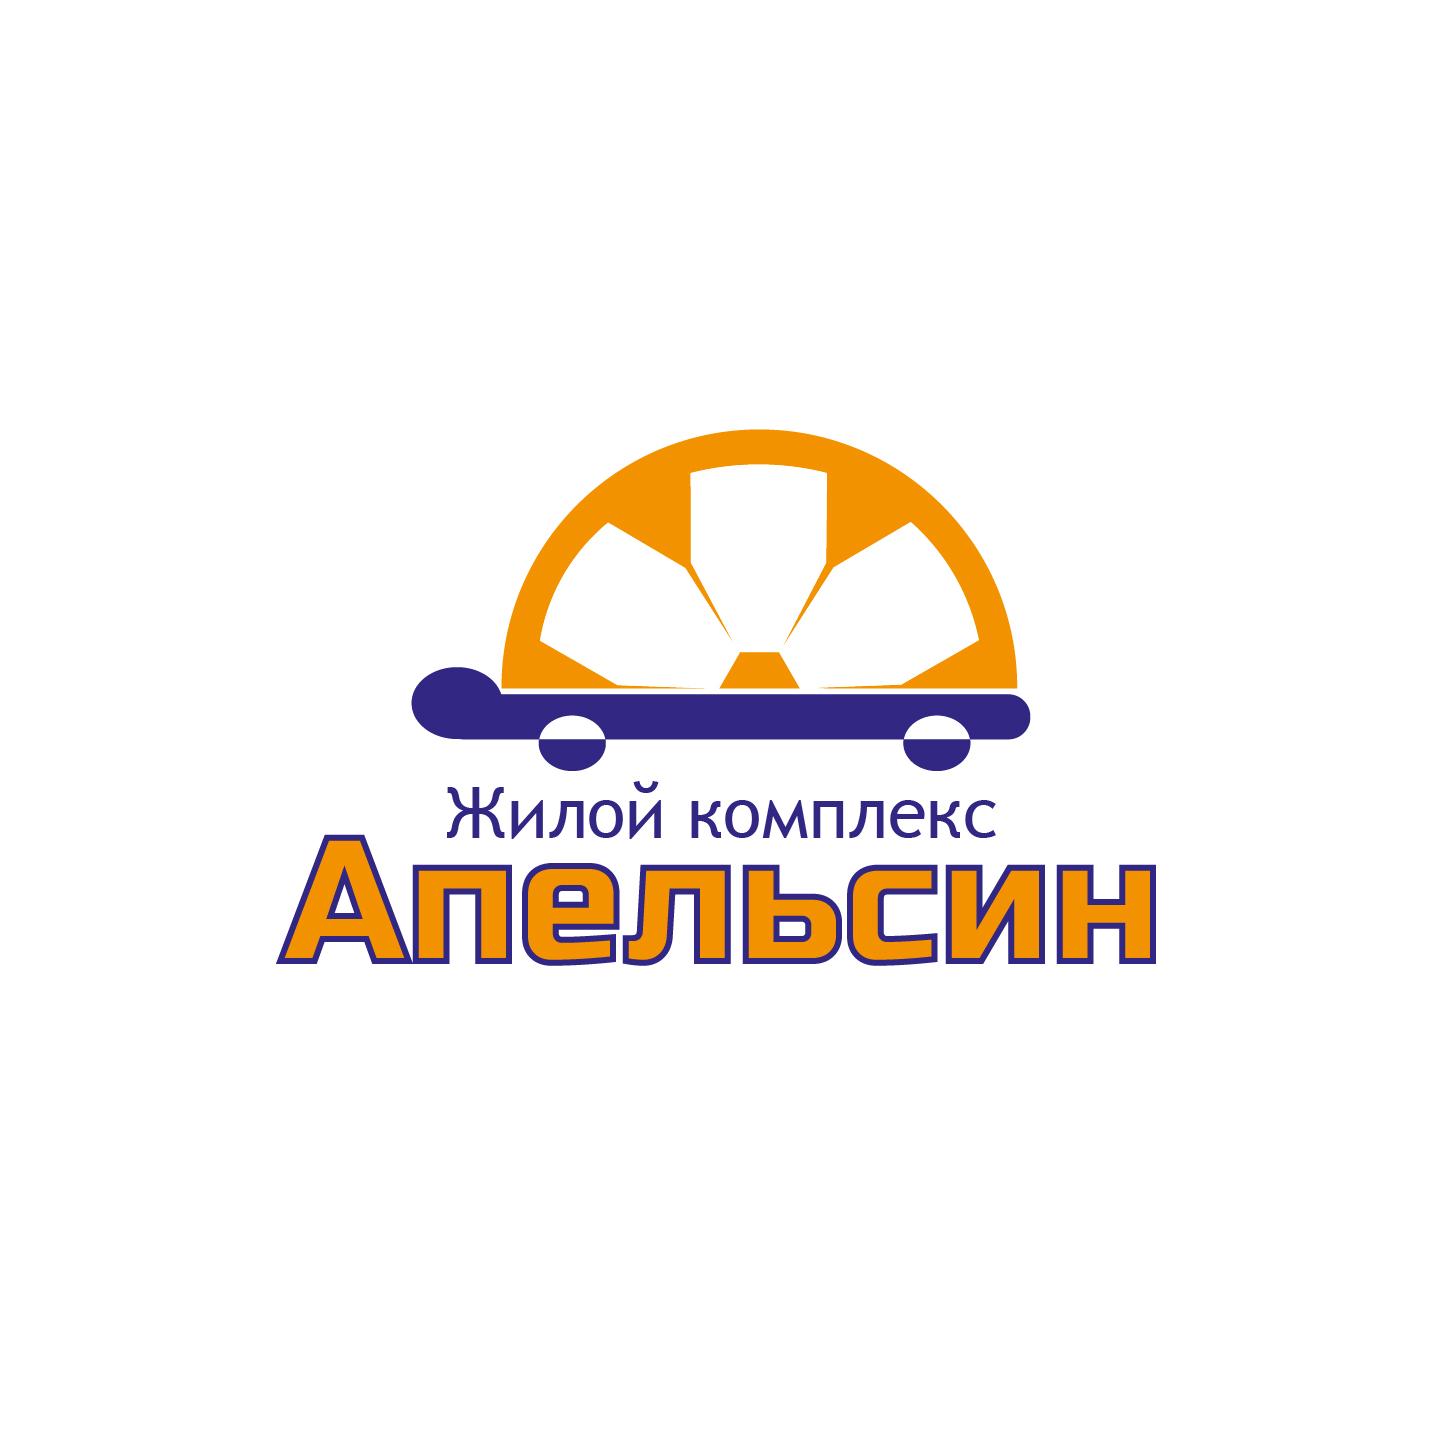 Логотип и фирменный стиль фото f_4315a5b1598f1ccf.jpg